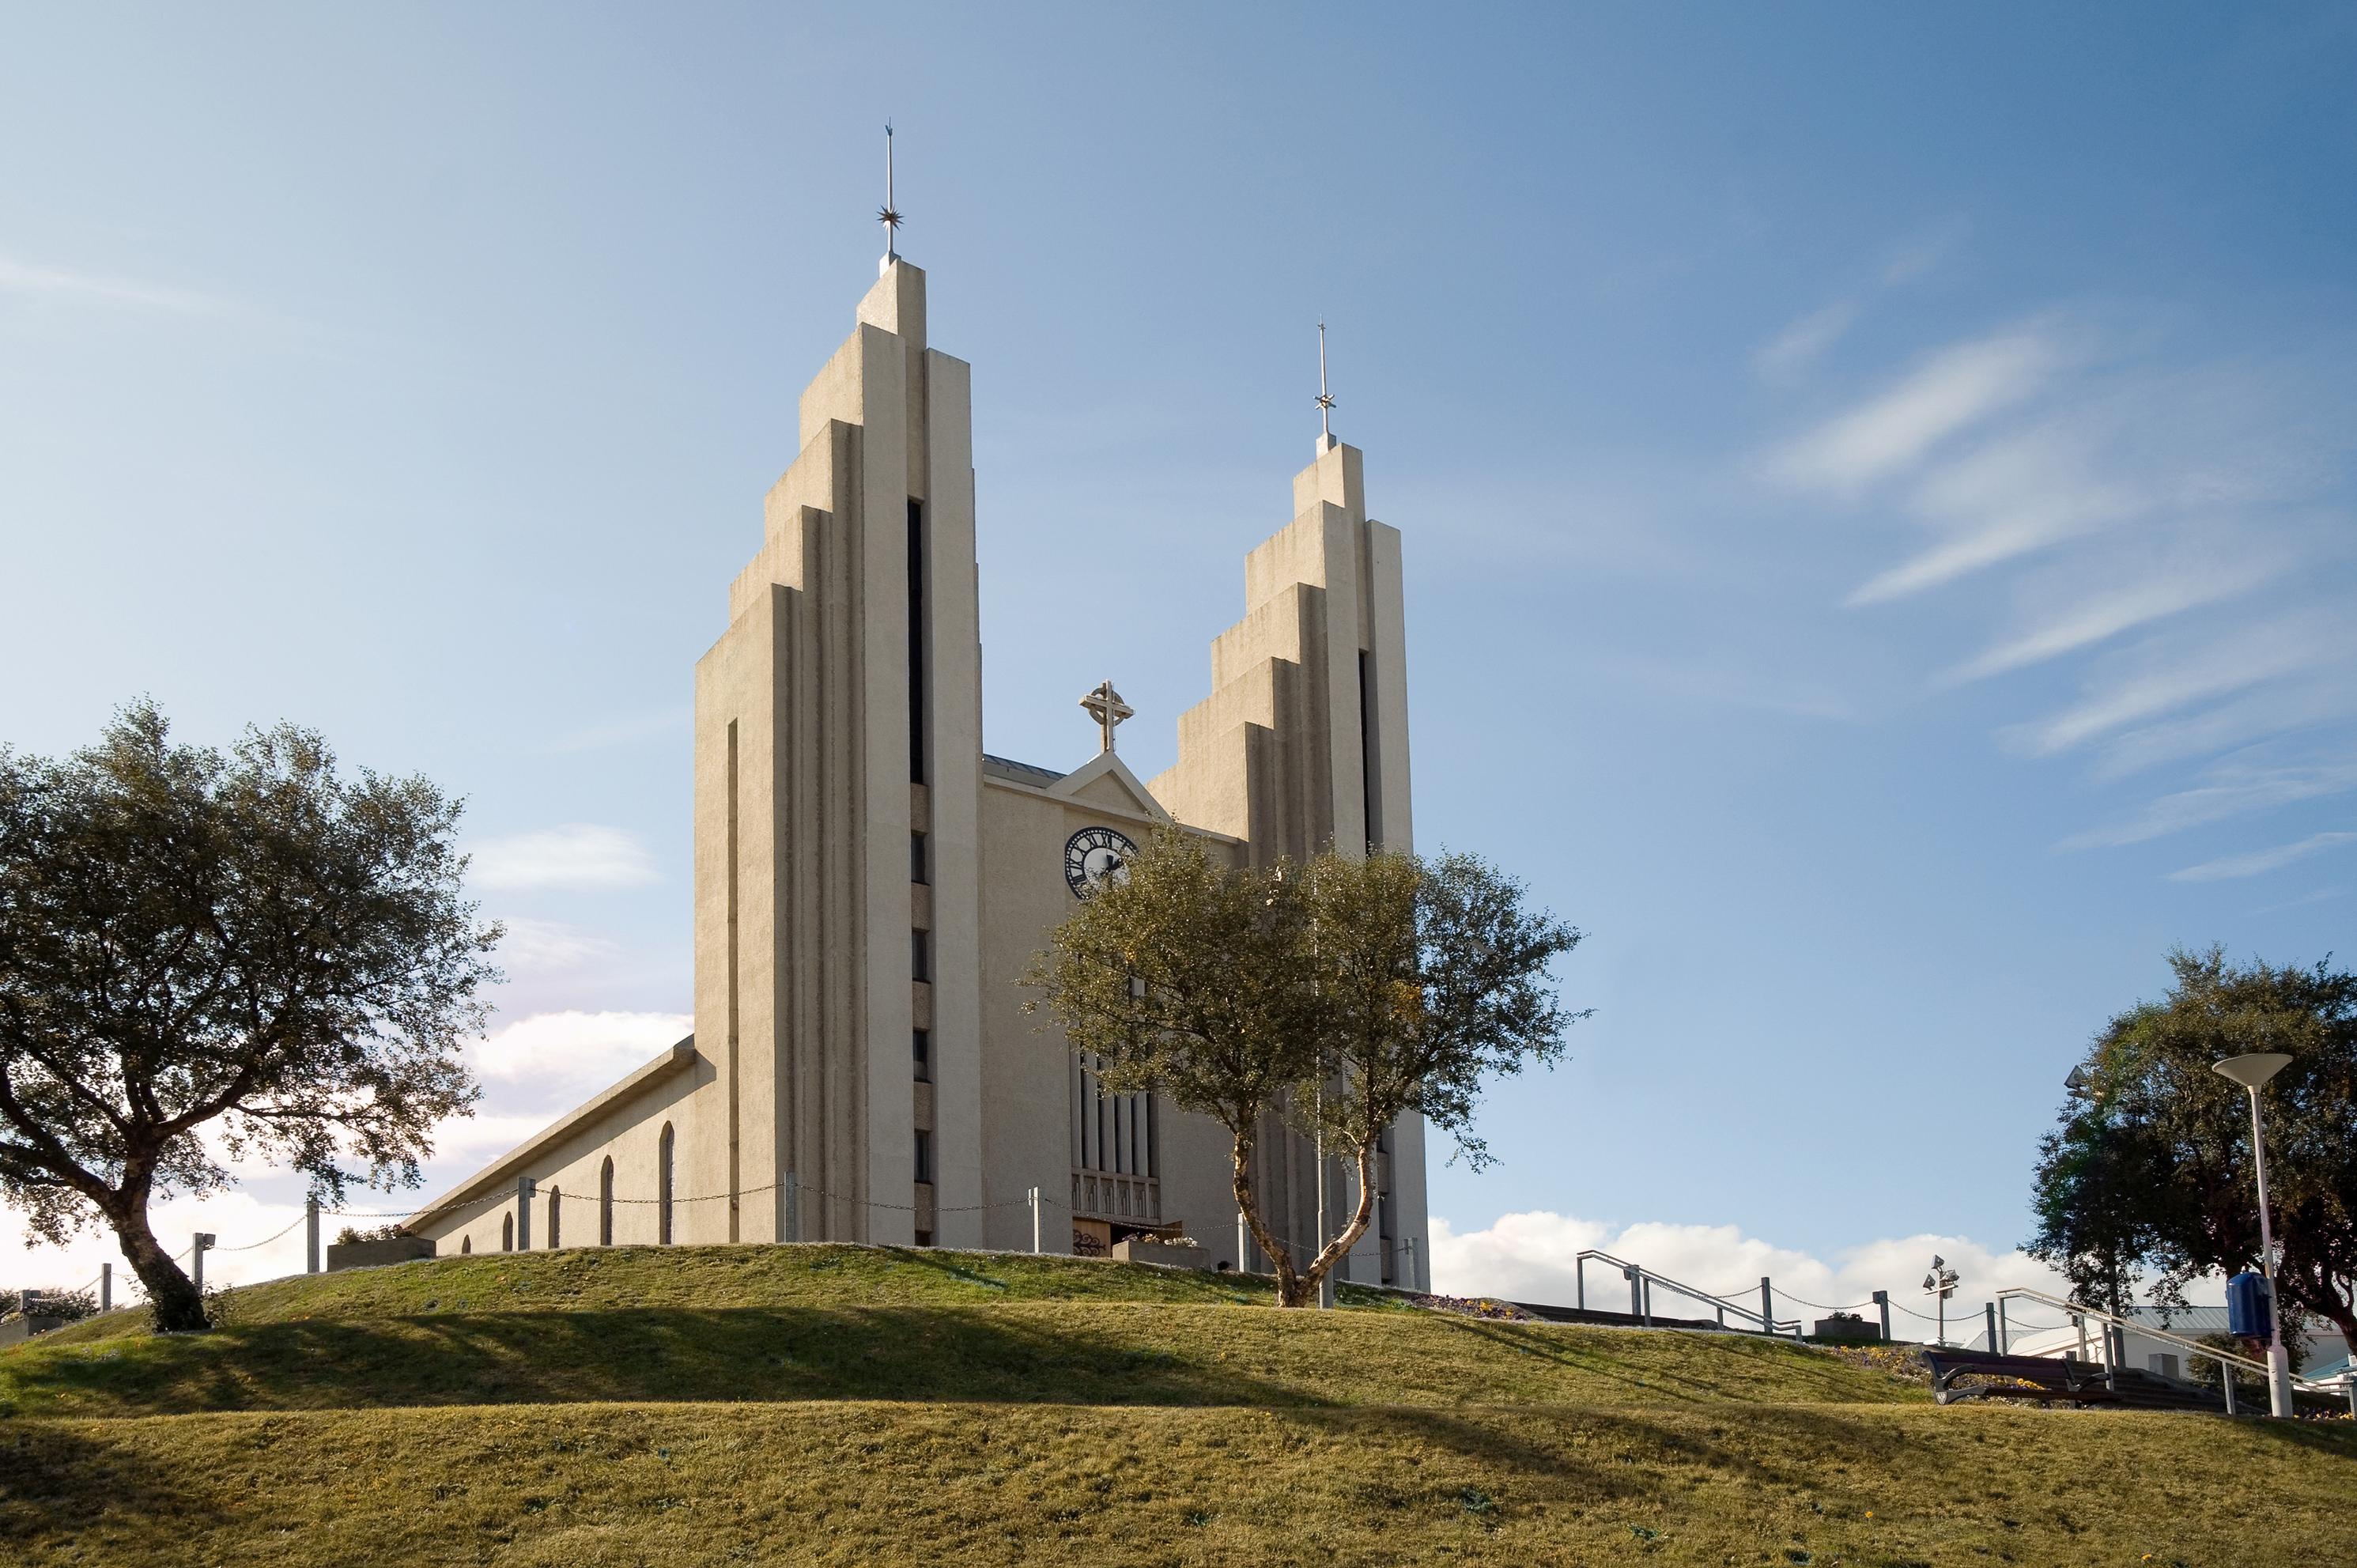 Akureyrarkirkja | Akureyri, Iceland Attractions - Lonely ...